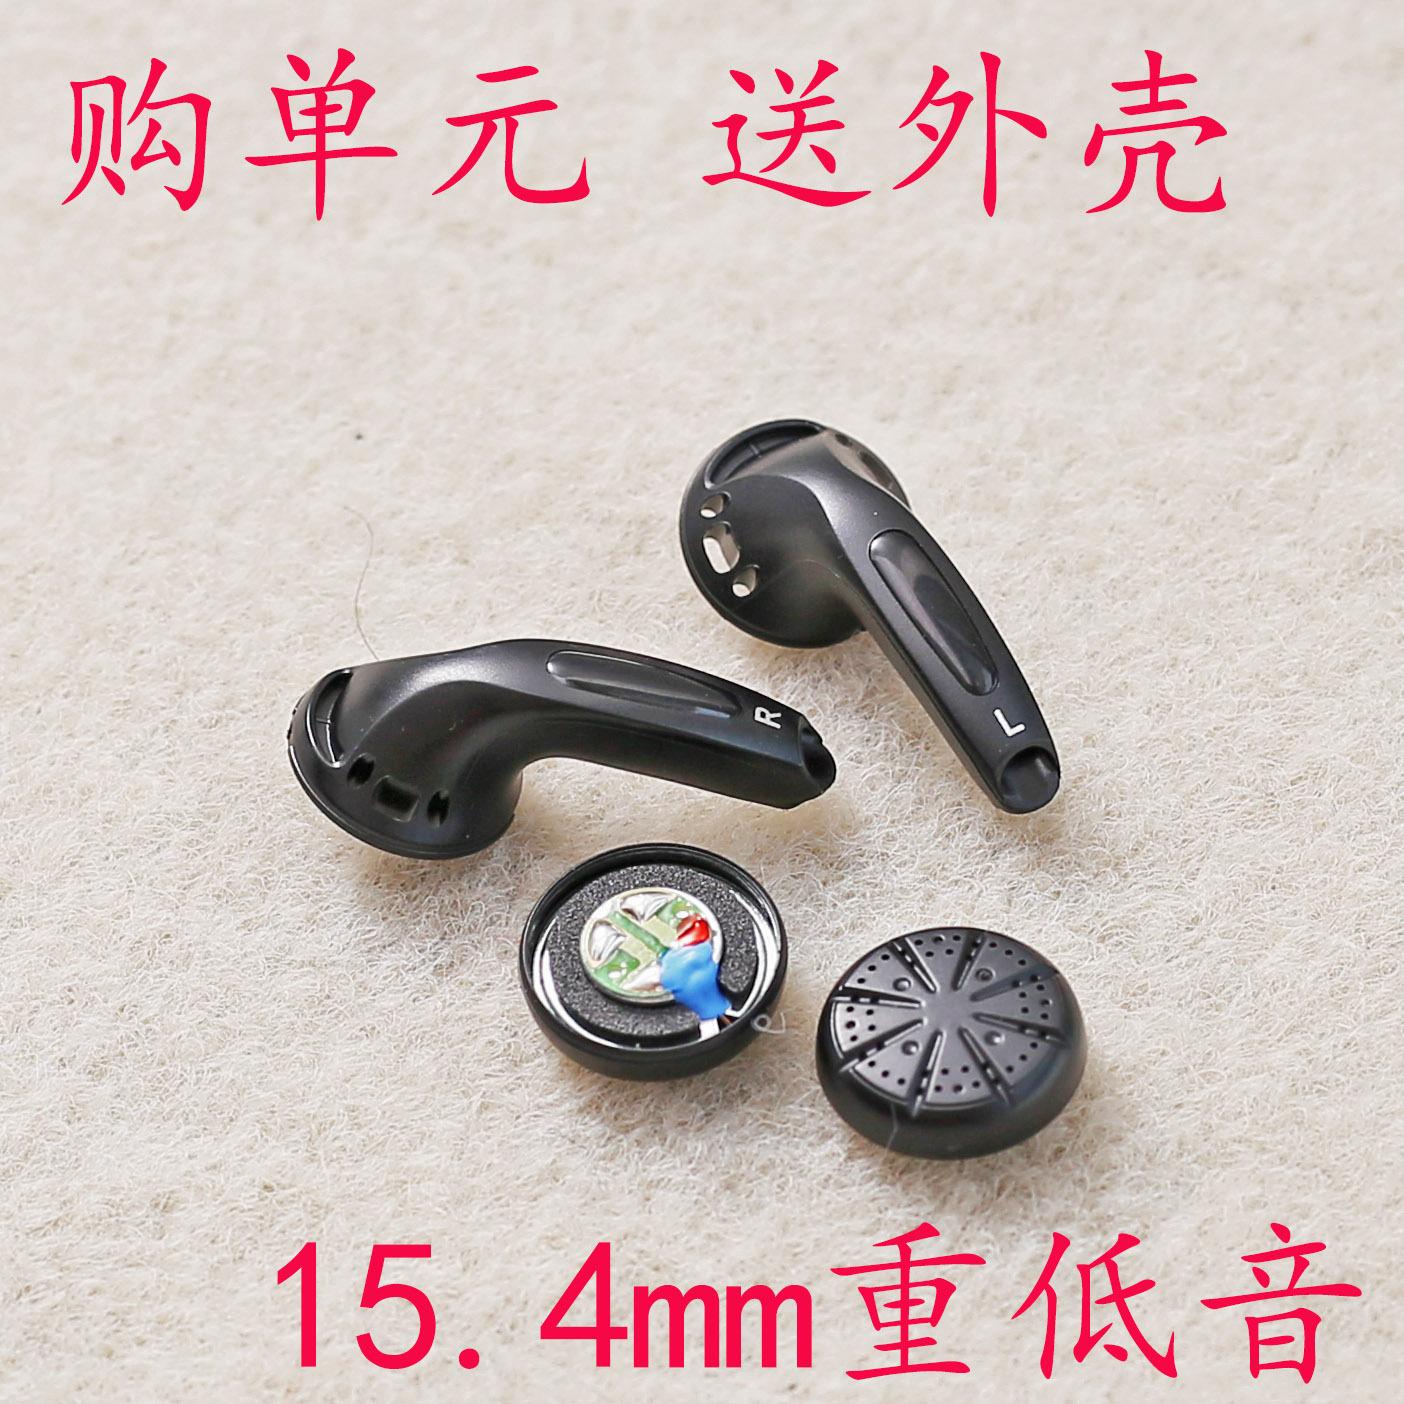 定制diy耳機強磁單元15.4mm平頭塞重低音喇叭送MX500款耳機殼